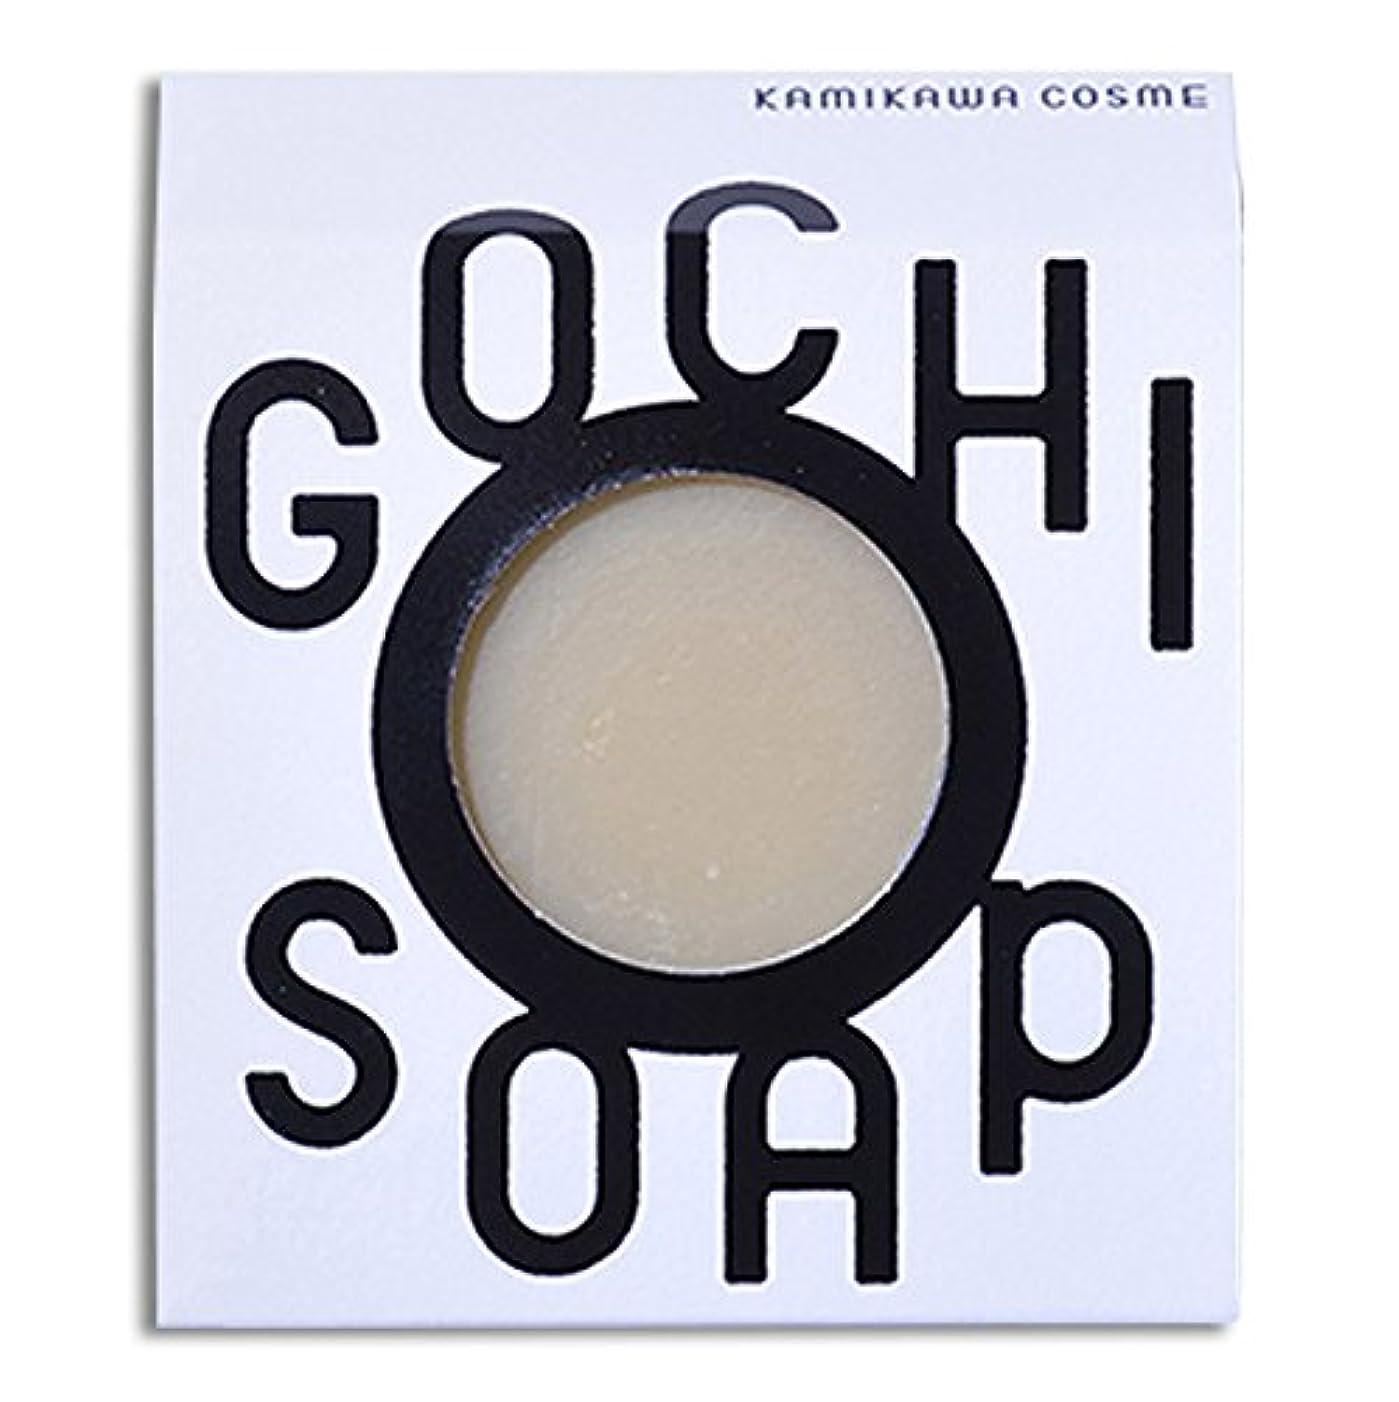 主人ブリリアント打ち上げる道北の素材を使用したコスメブランド GOCHI SOAP(伊勢ファームの牛乳ソープ?平田こうじ店の米糀ソープ)各1個セット